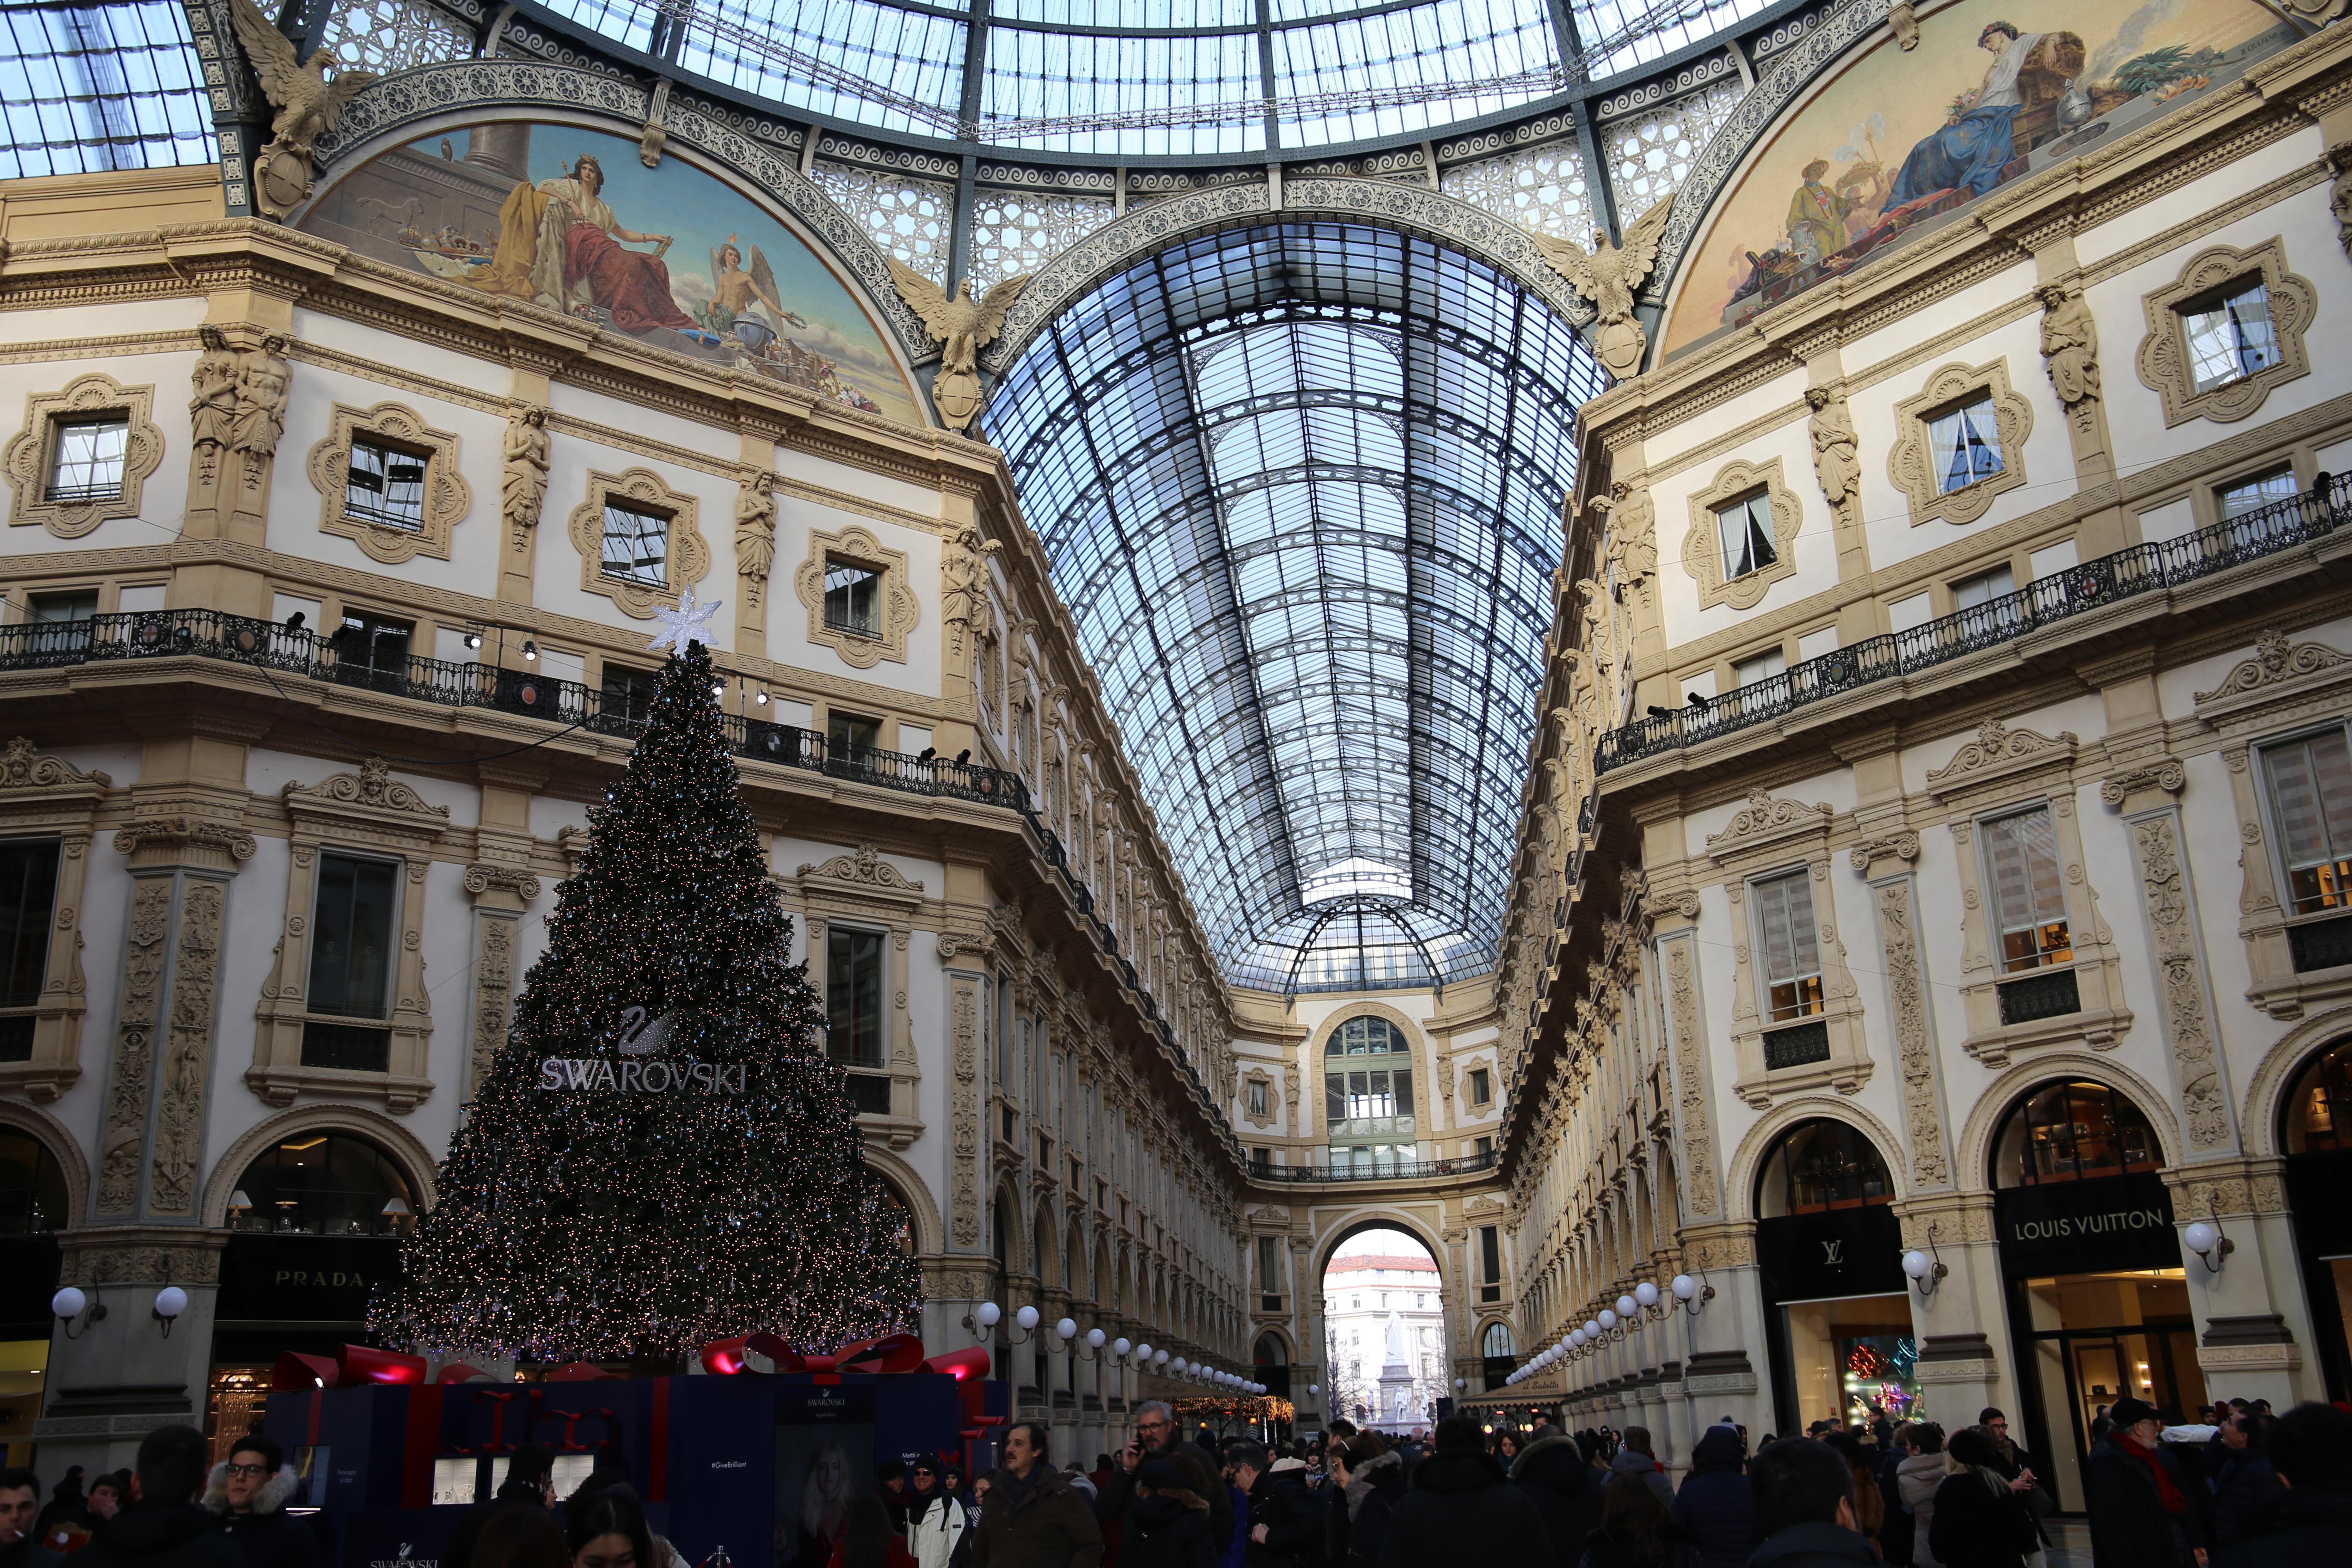 Galleria_Vittorio_Emanuele_II_Shoppen_Mailand_Viktor-Emanuel-Galerie_Milano_Weihnachten_Ottagono